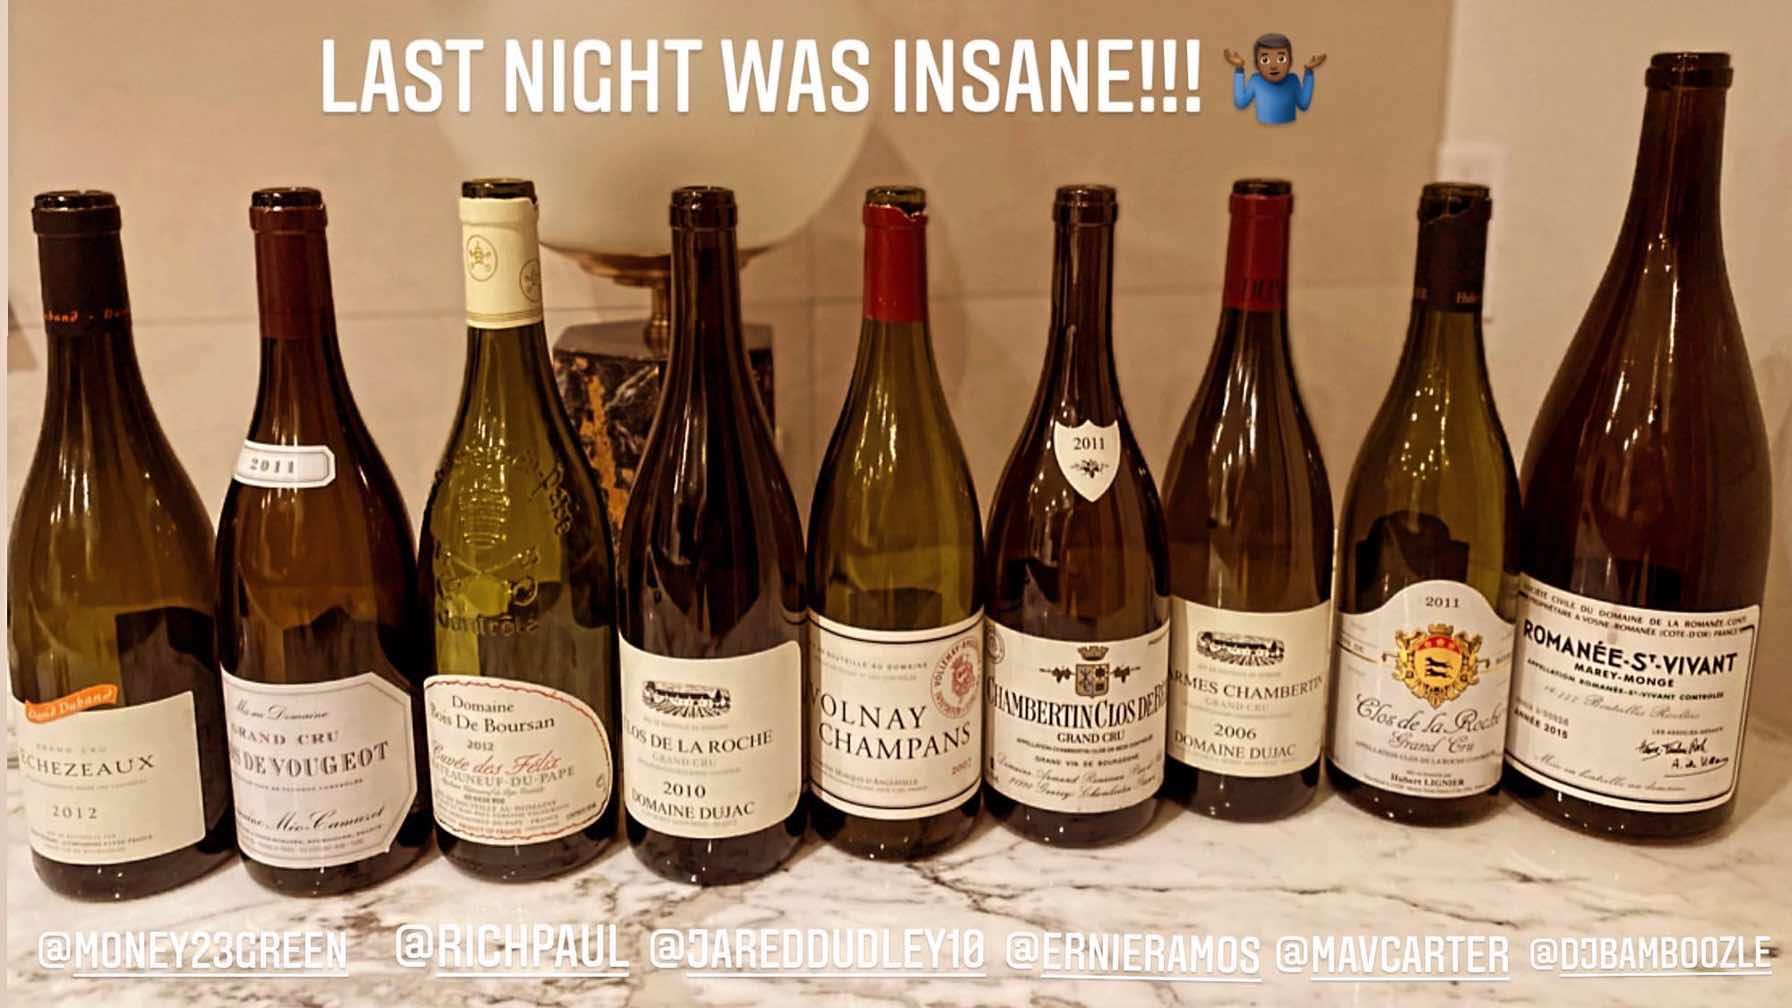 名酒展览?詹姆斯晒昨日聚餐酒品:昨晚很疯狂!